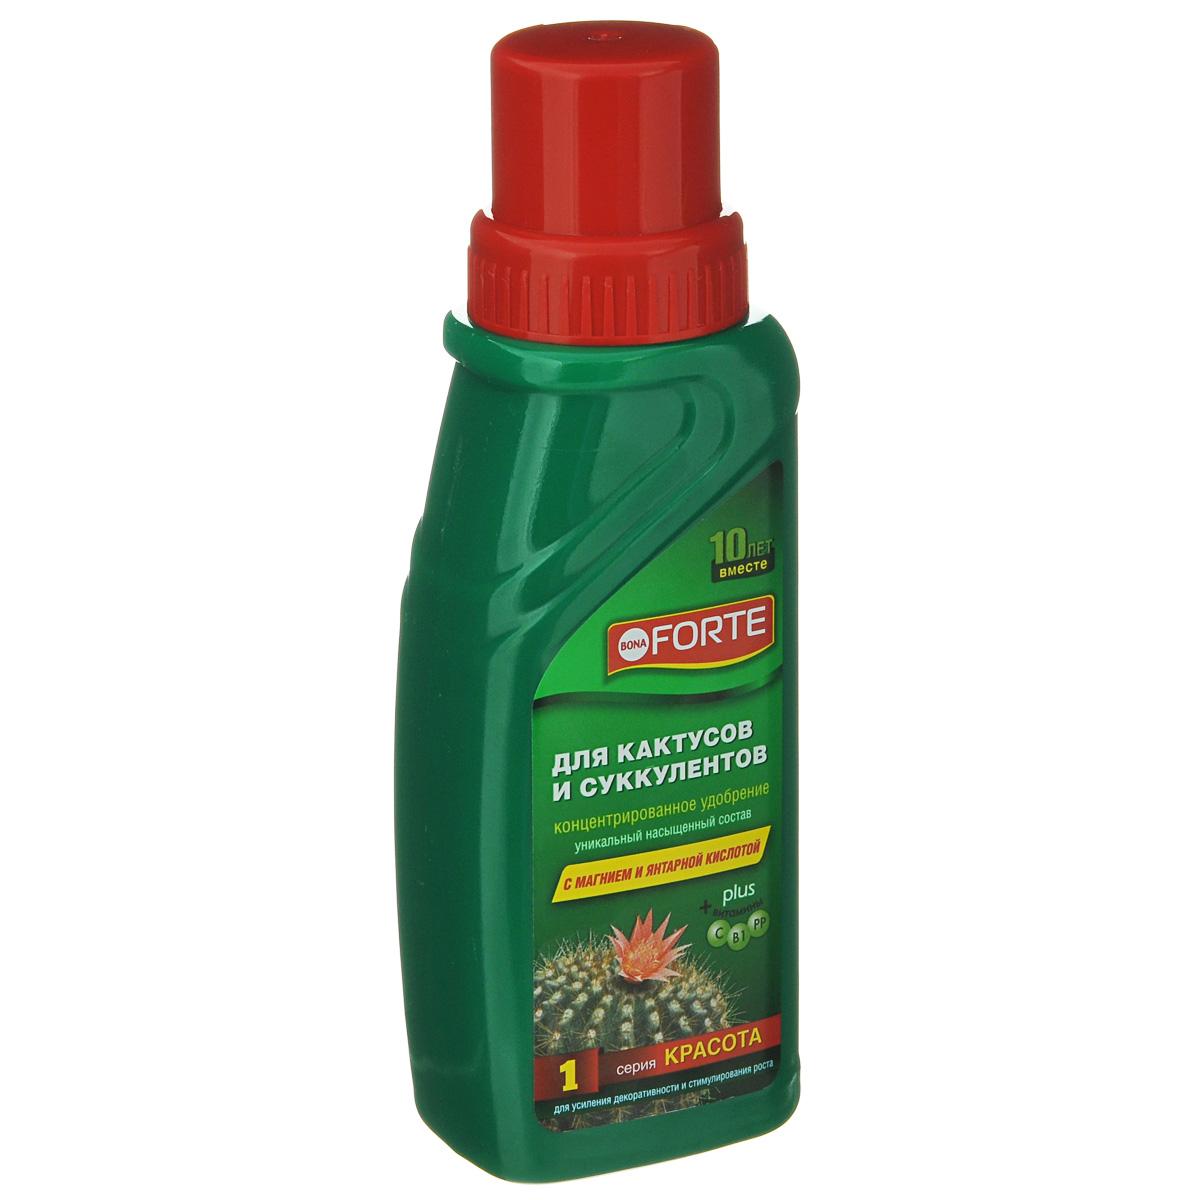 Удобрение концентрированное Bona Forte, для кактусов и суккулентов, 285 мл удобрение жк bona forte для роз и хризантем 285 мл